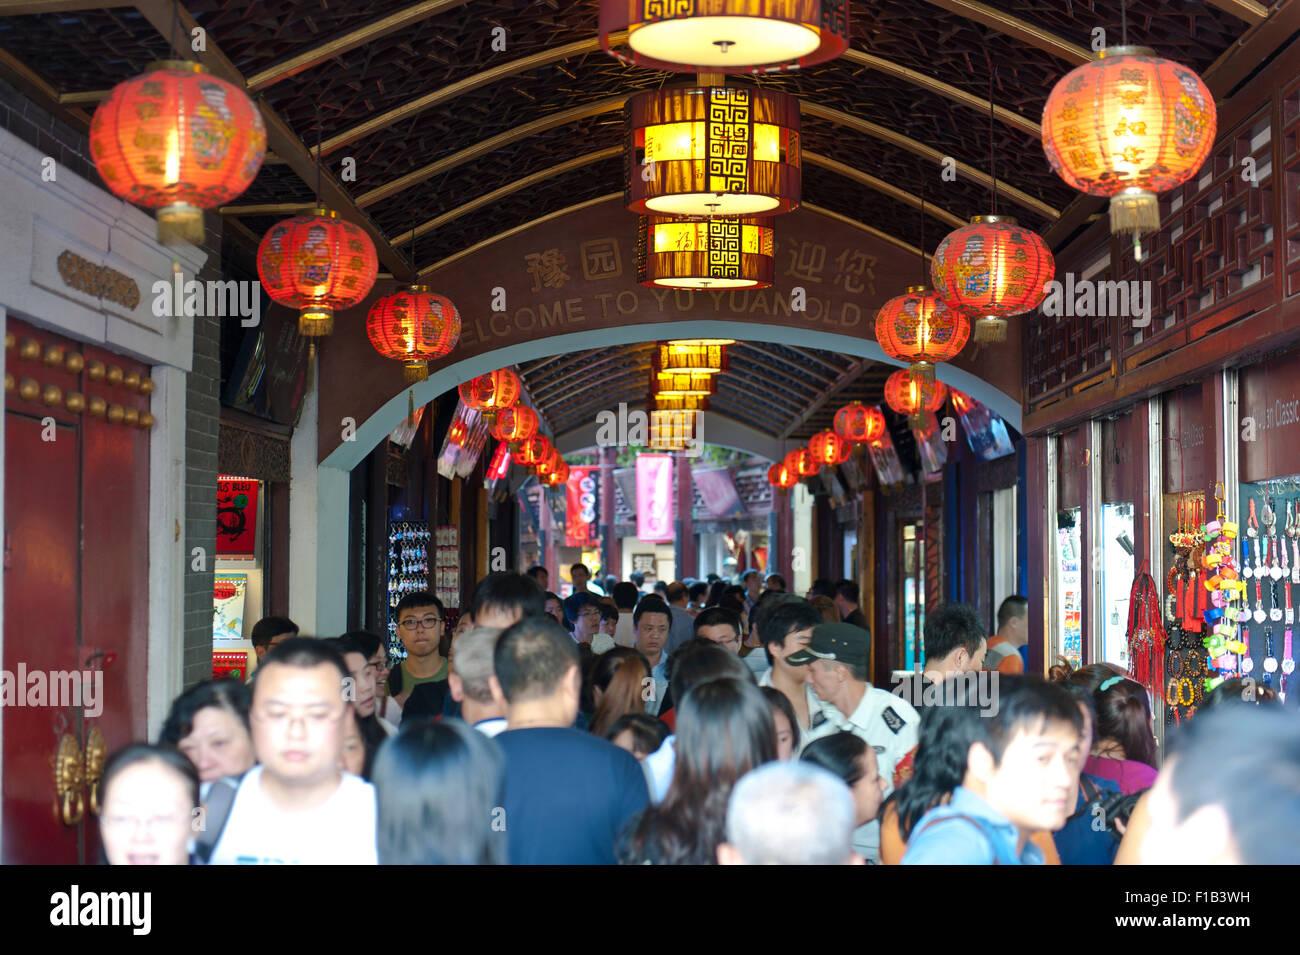 Menschen im Laufe der Yu Yuan Old Street, Shanghai, China Stockbild